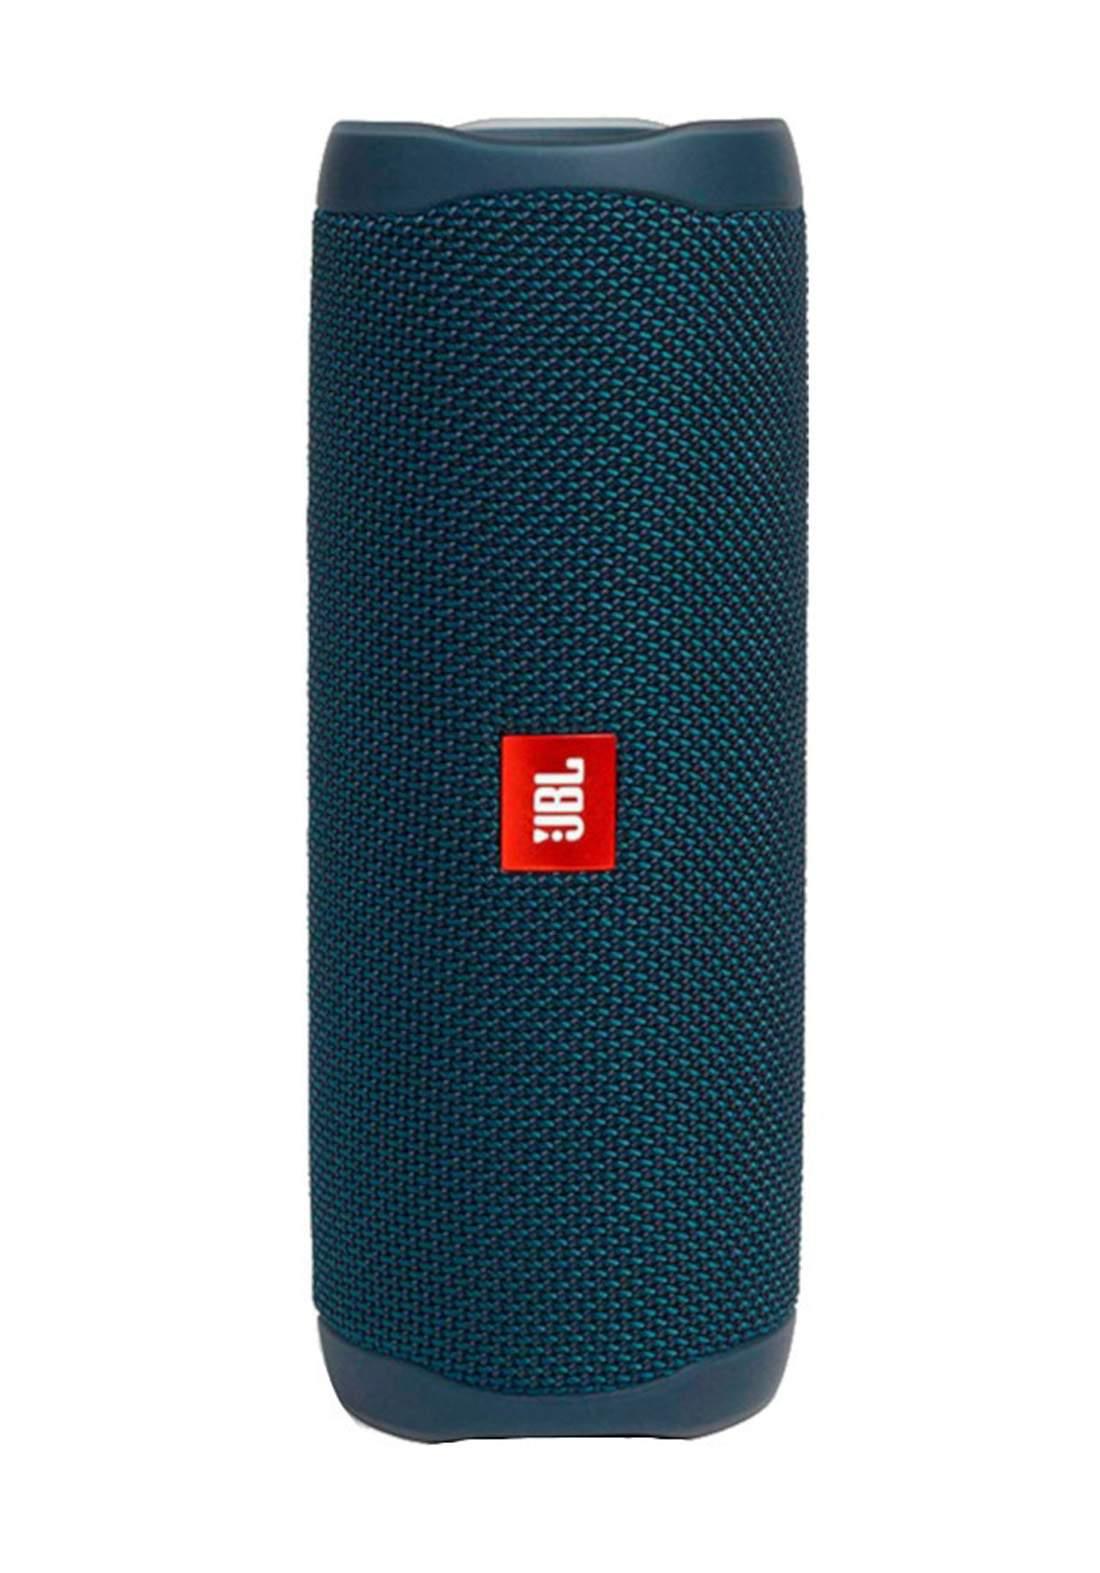 JBL Flip 5 Portable Waterproof Wireless Speaker -  Blue مكبر صوت